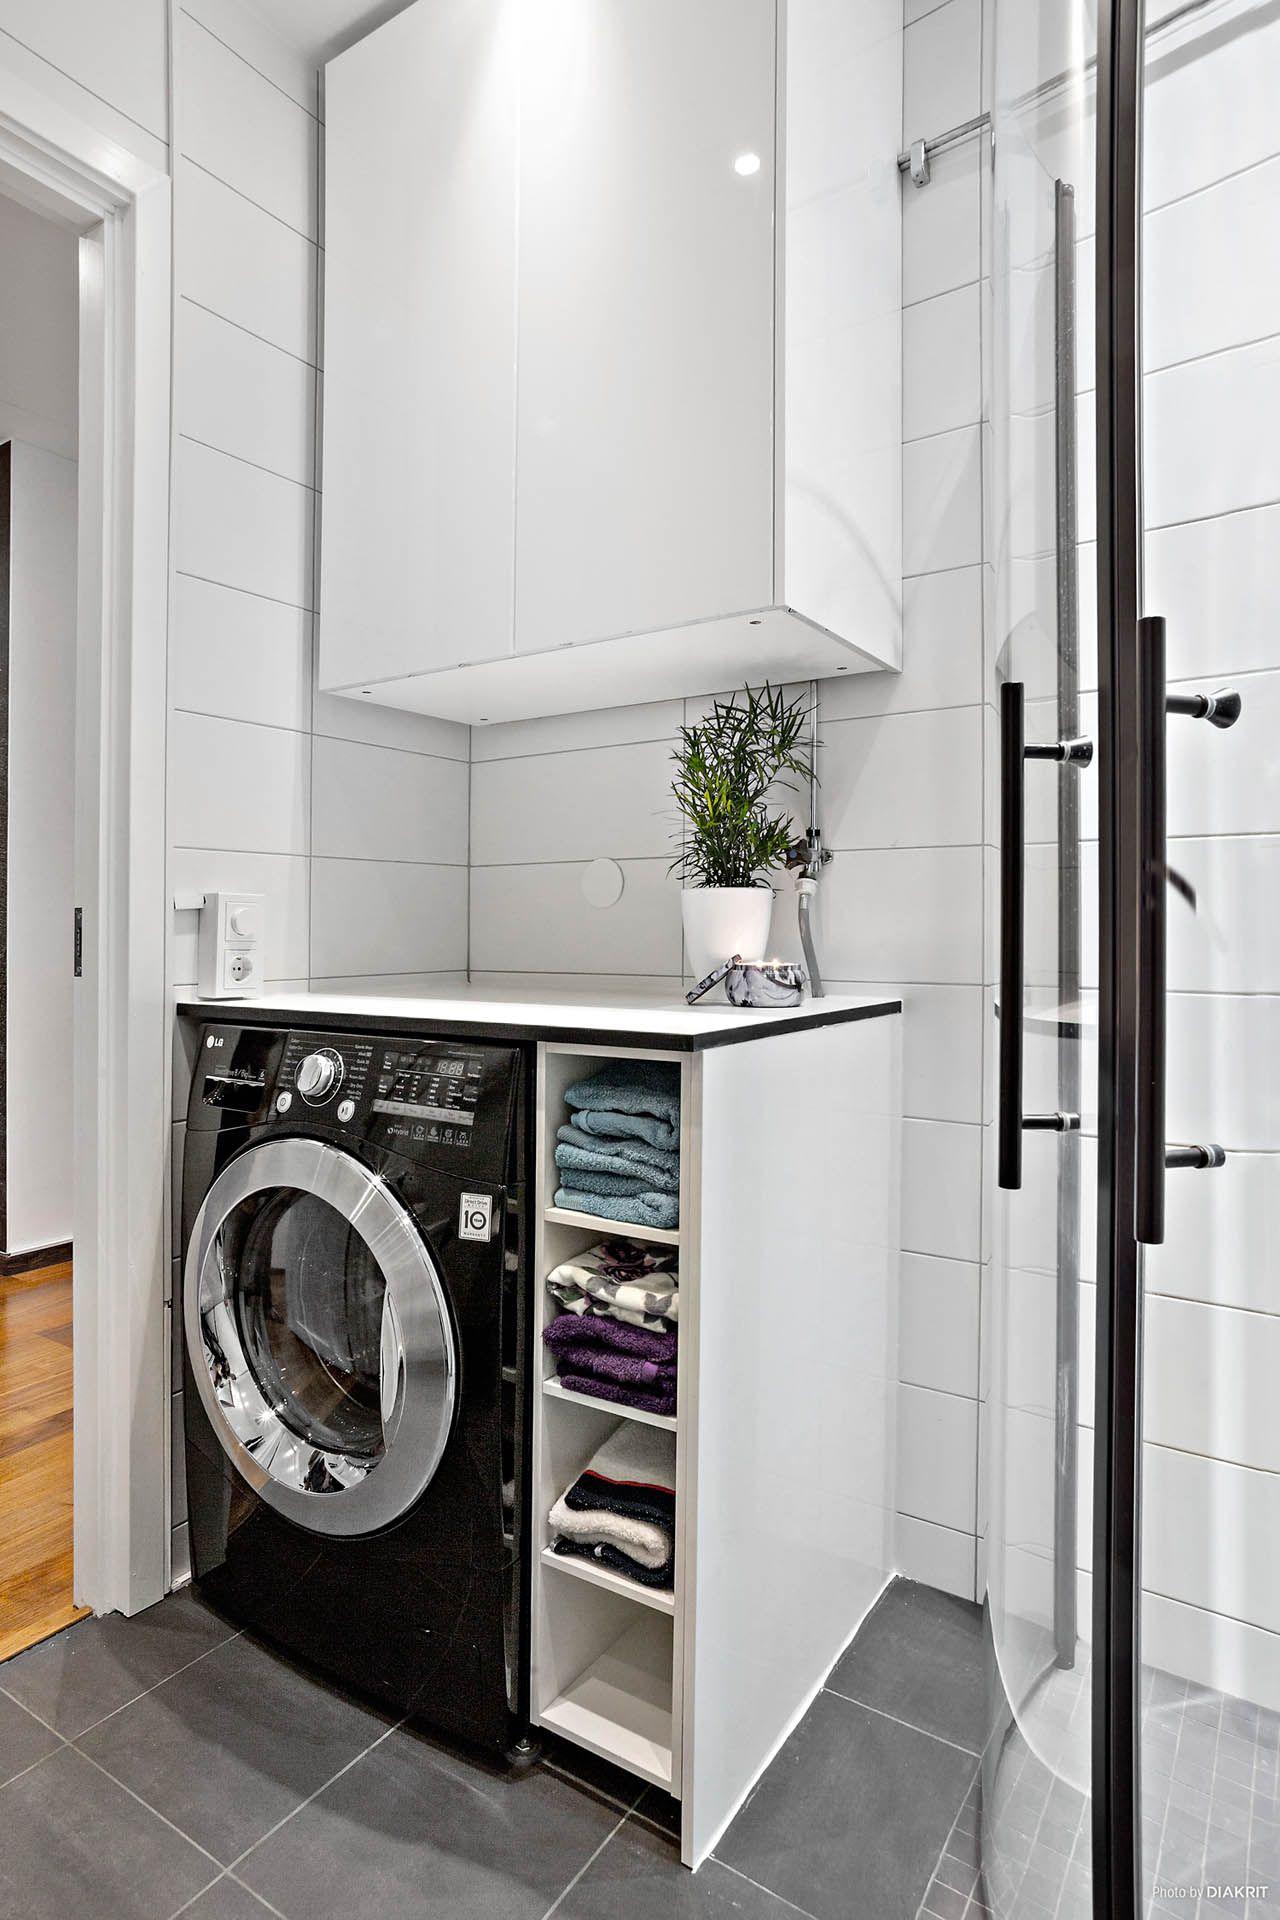 Kombinerad tvättmaskin/torktumlare i badrummet. här finns också ...